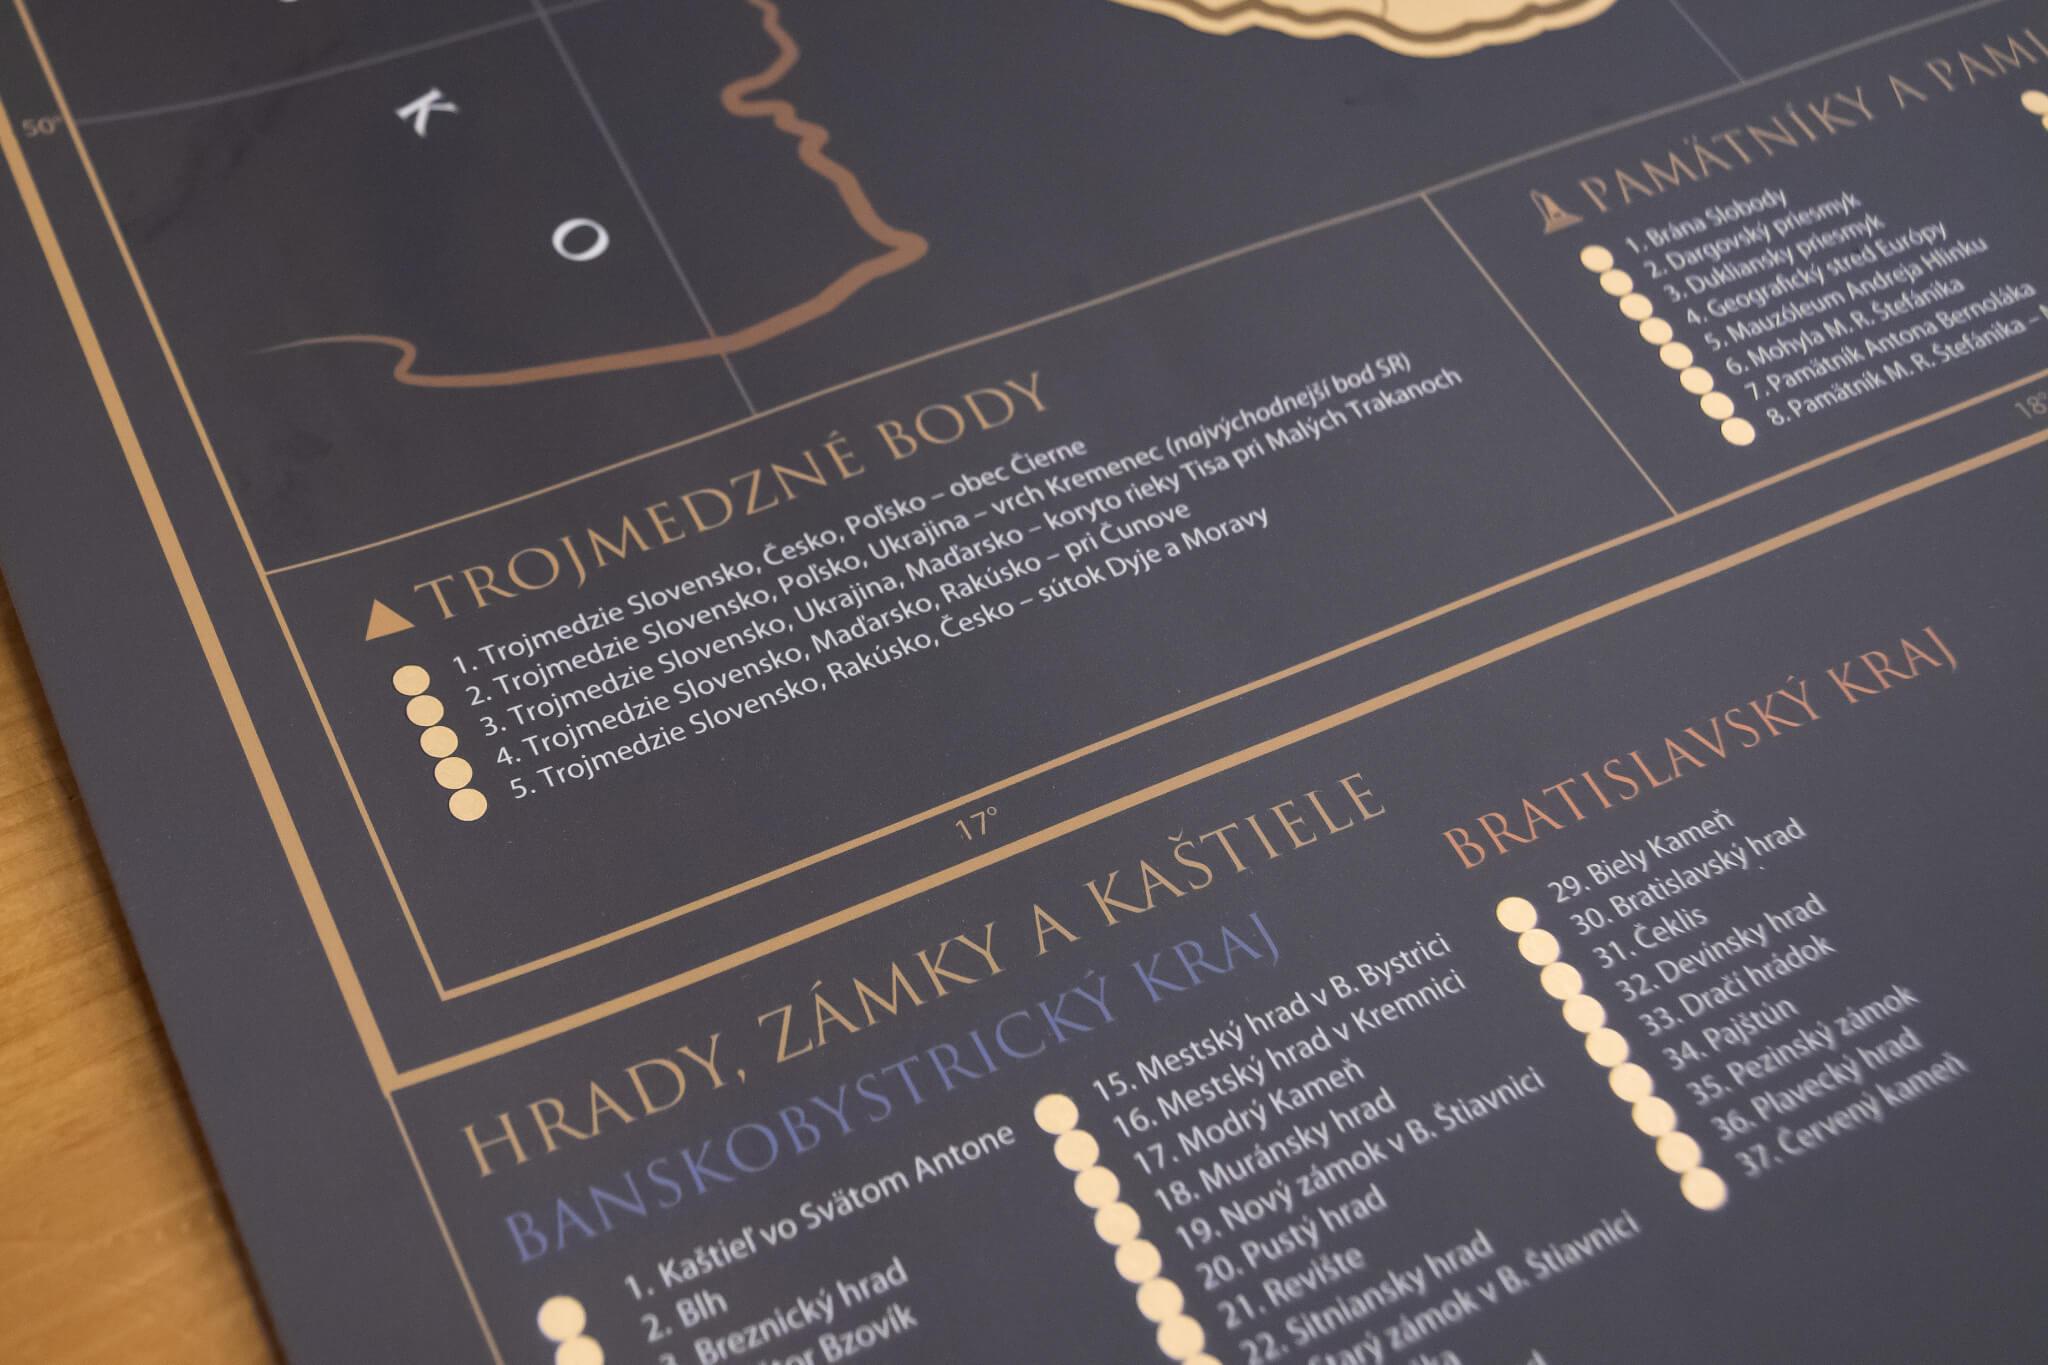 Stírací mapa Slovenska - Detail sekce